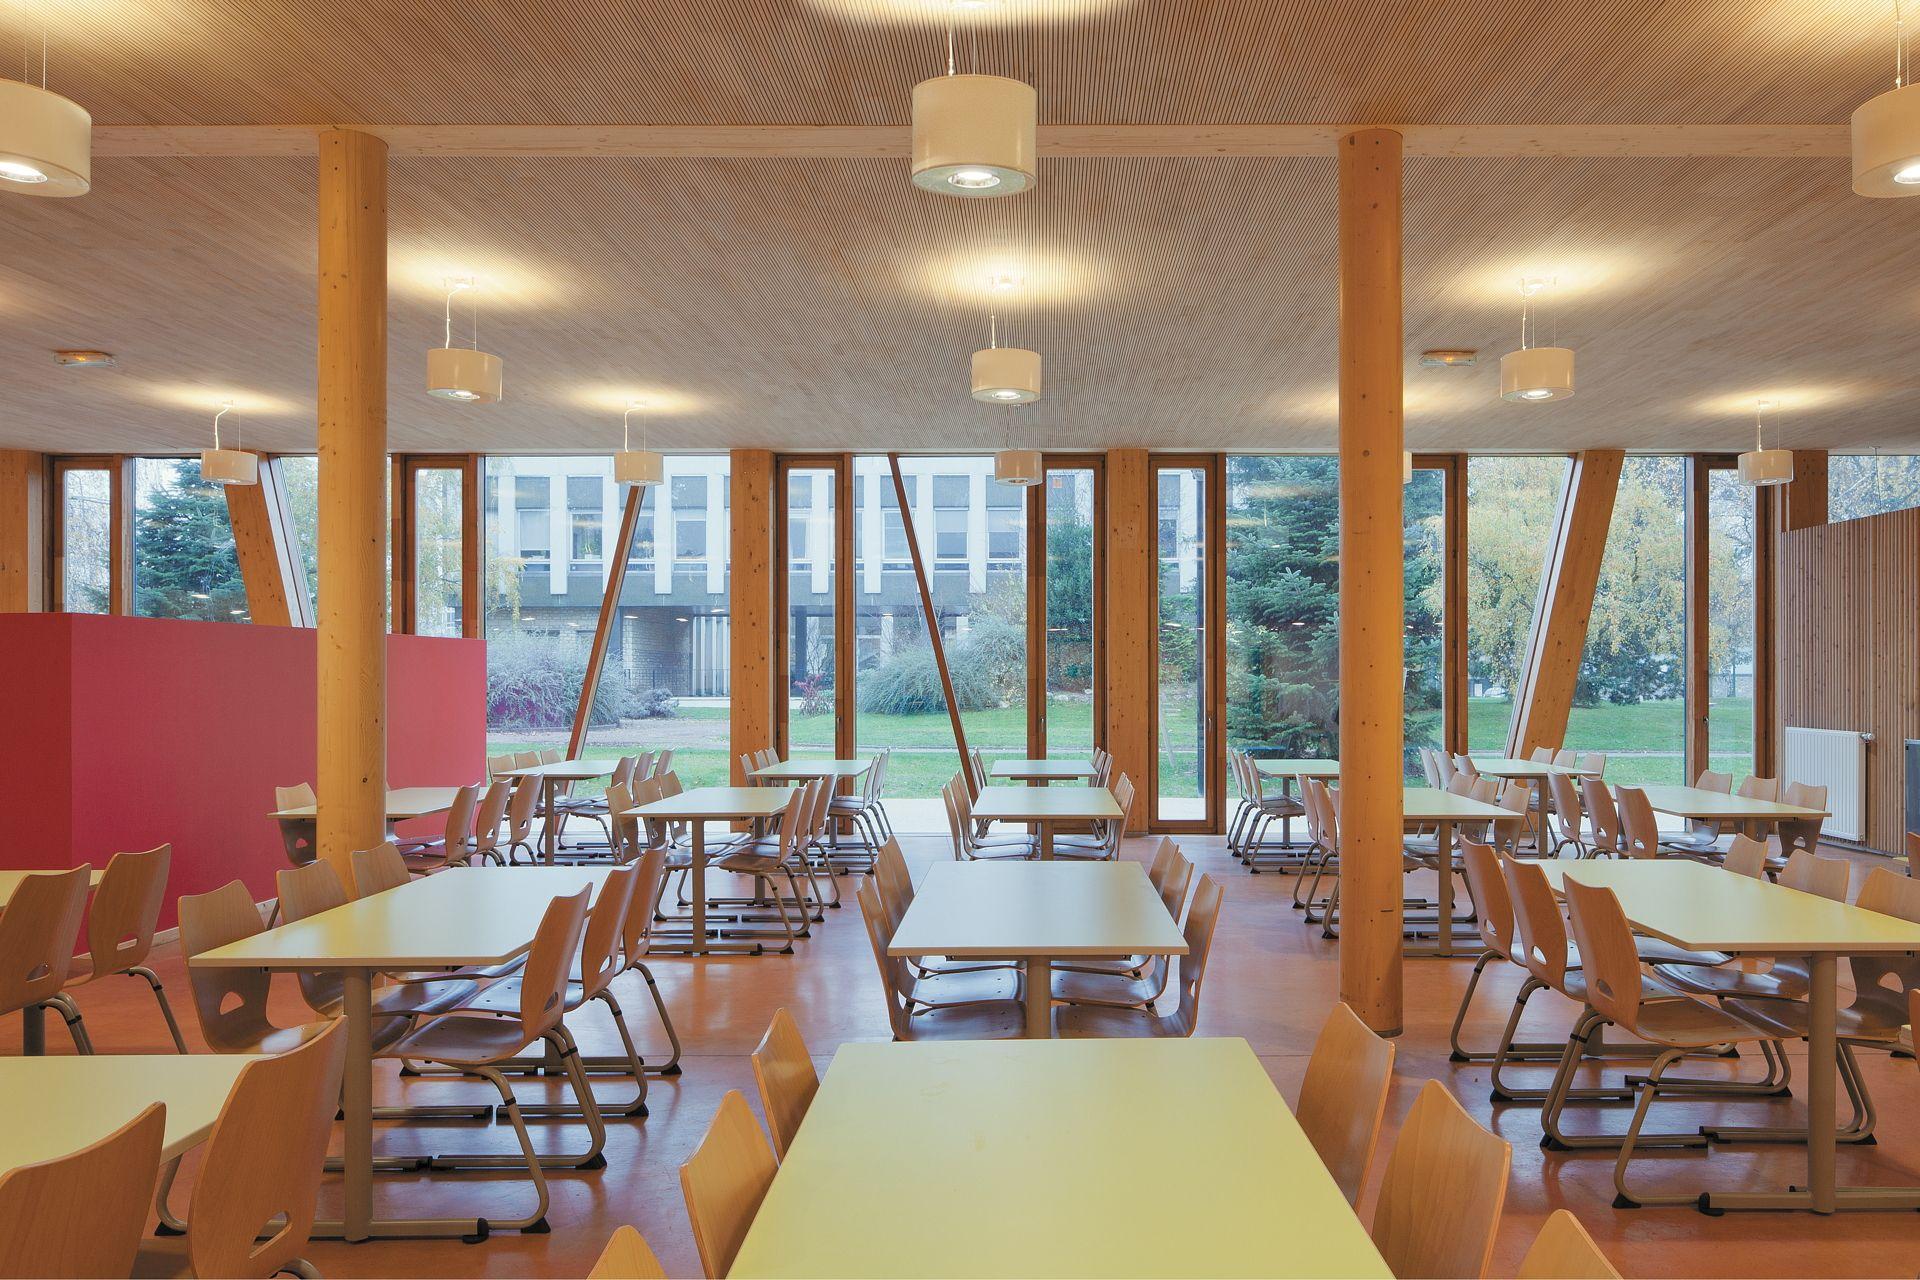 R2k Architectes Groupe Scolaire Pasteur In